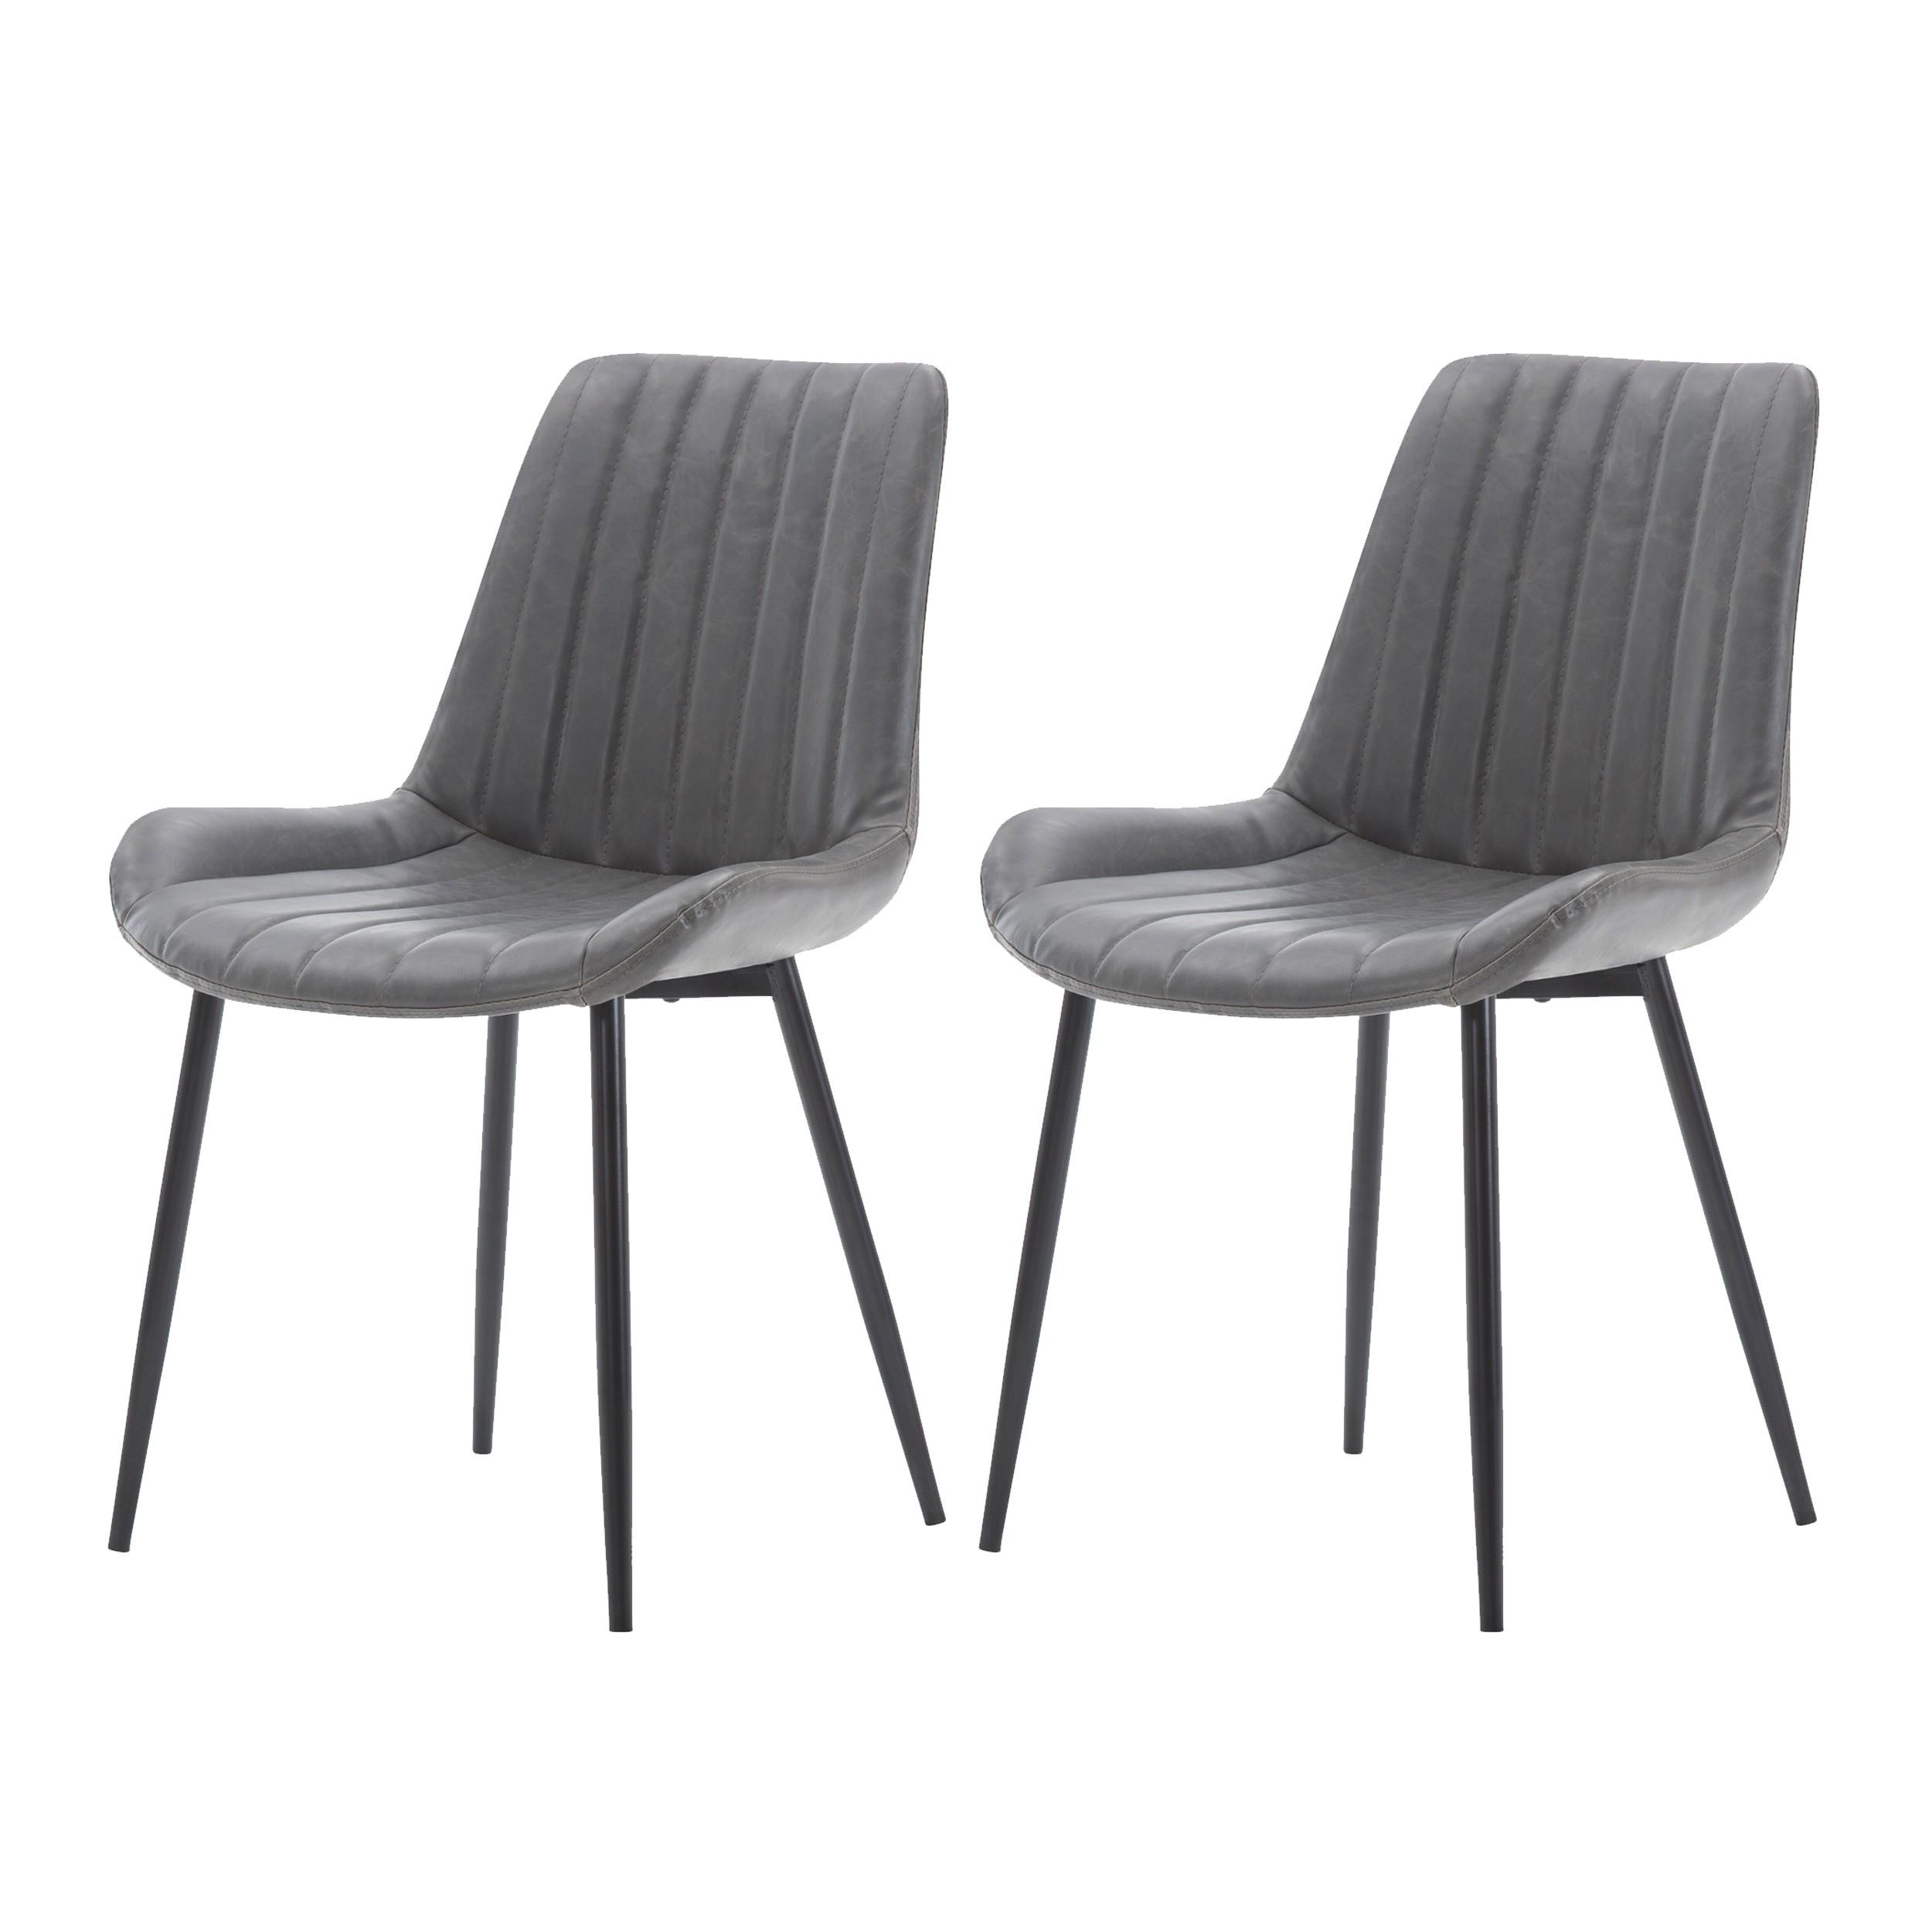 acheter lot de 2 chaise gris simili cuir